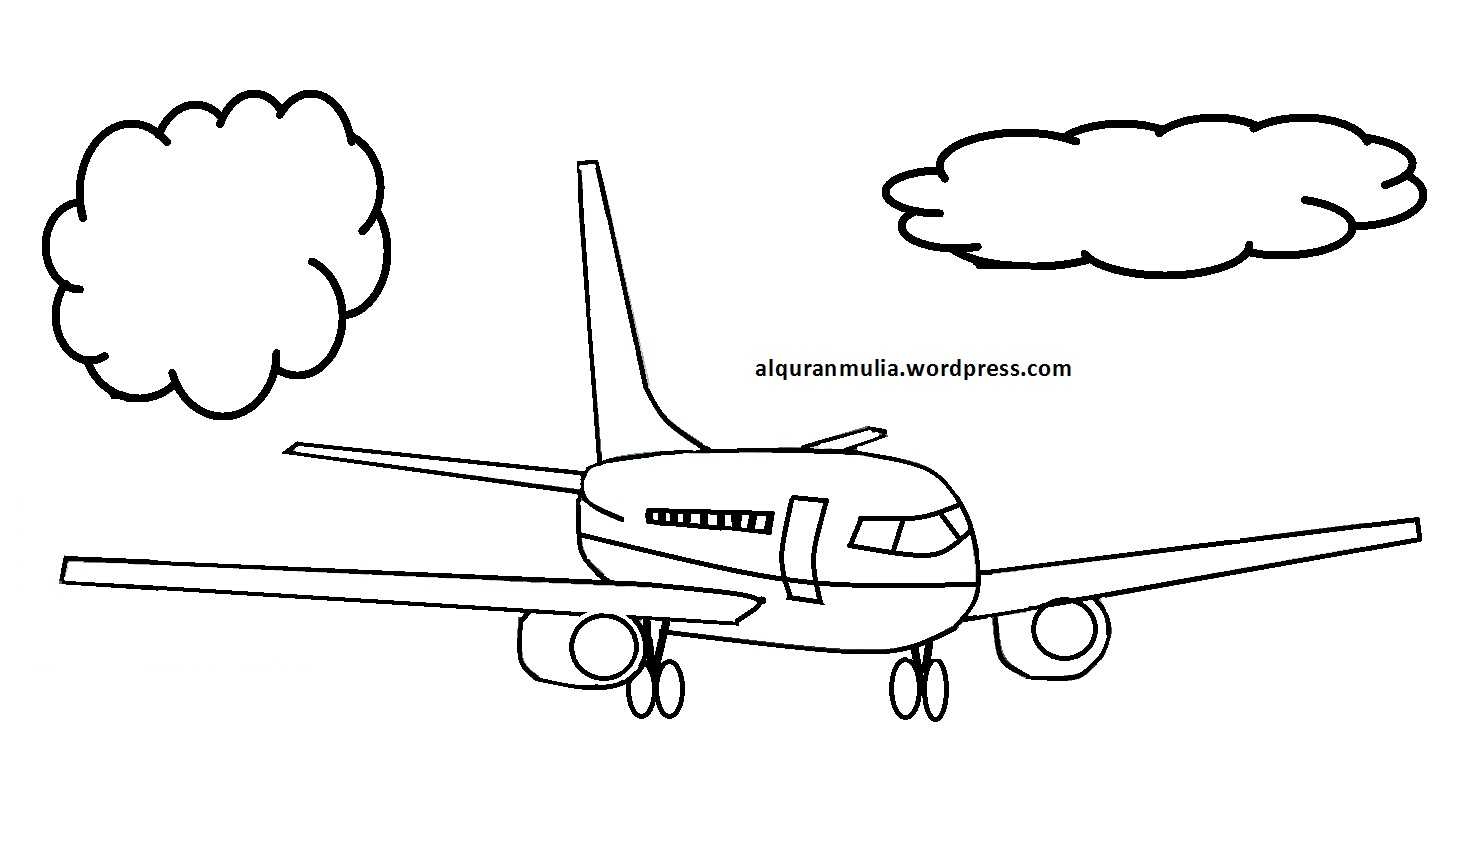 Mewarnai Gambar Pesawat Terbang 12 Anak Muslim  alqur'anmulia